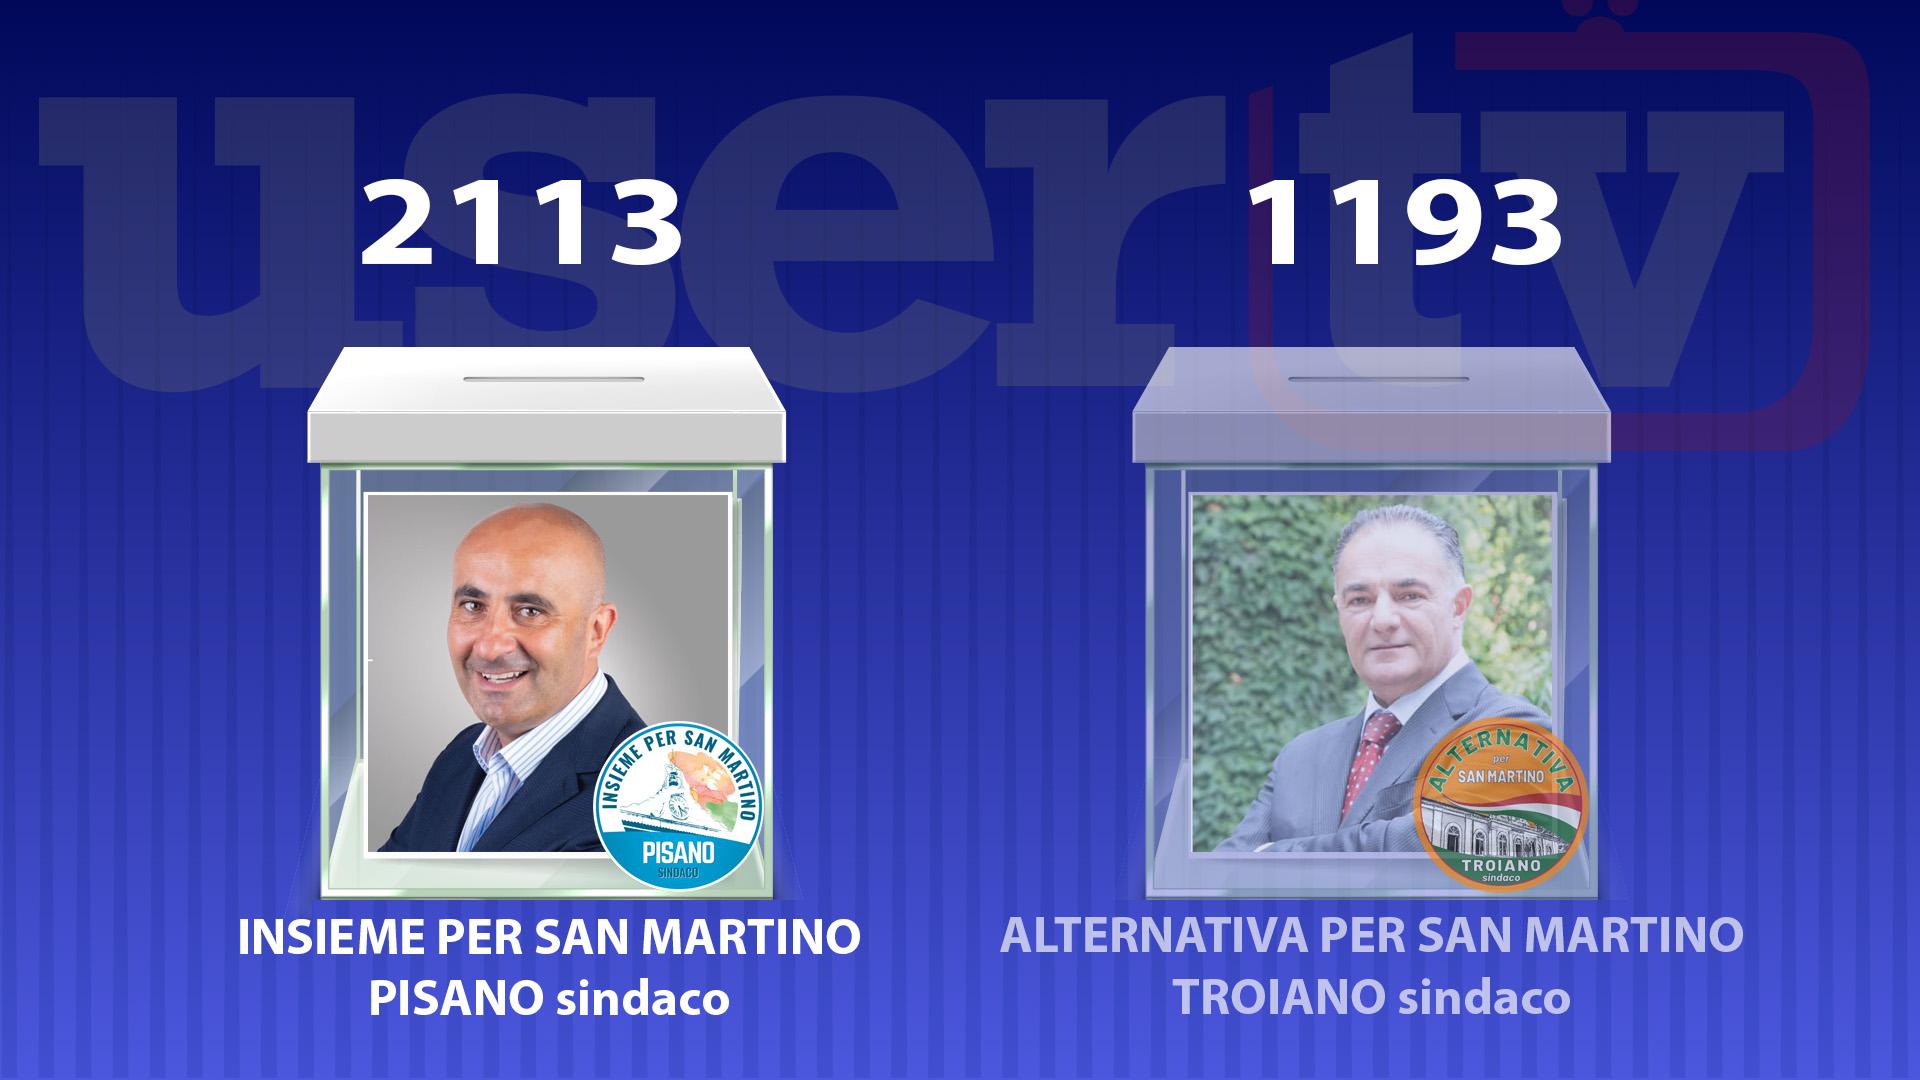 San Martino. Le preferenze per candidato.